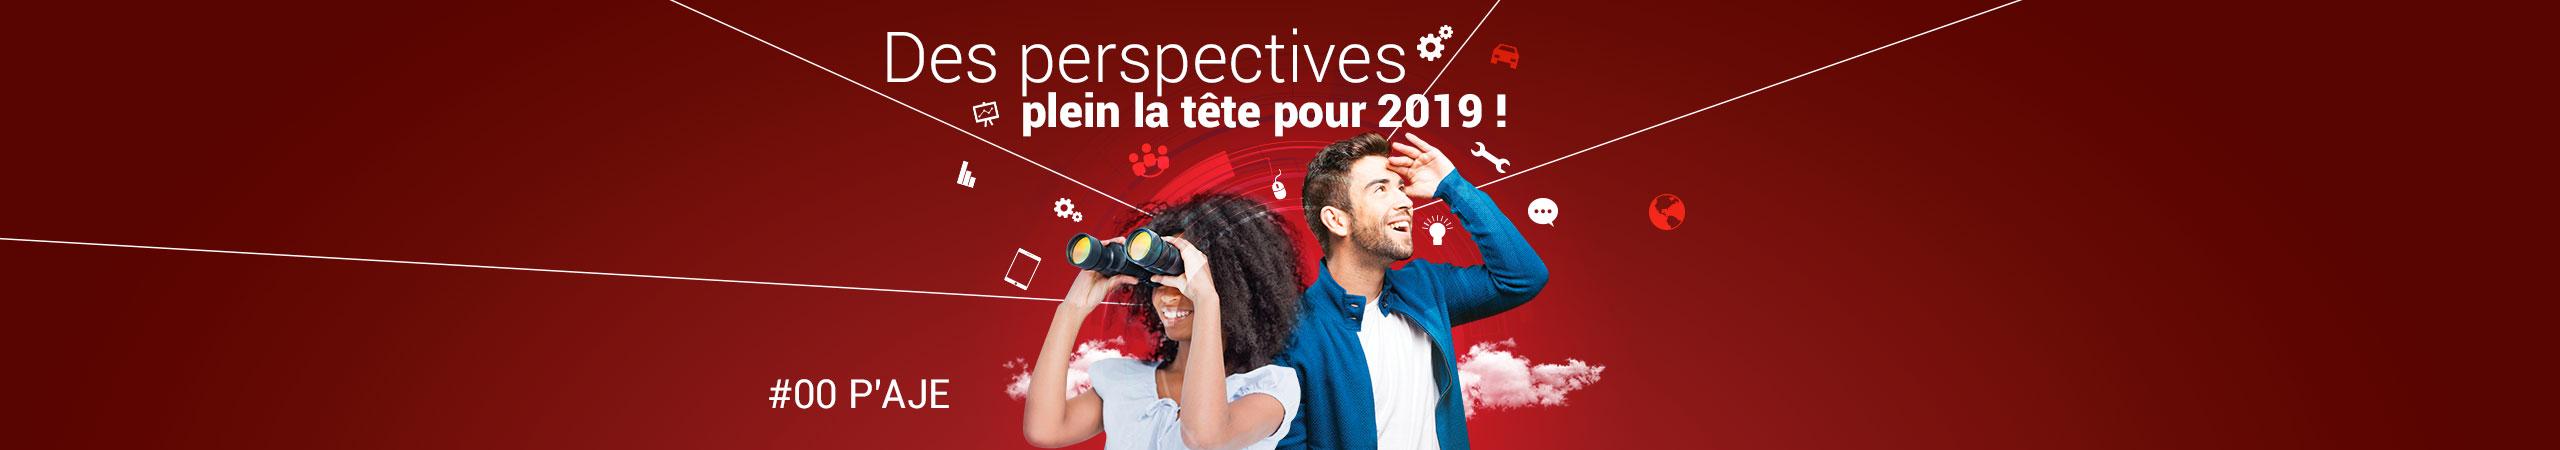 2019-des-perspectives-plein-la-tete-p-aje